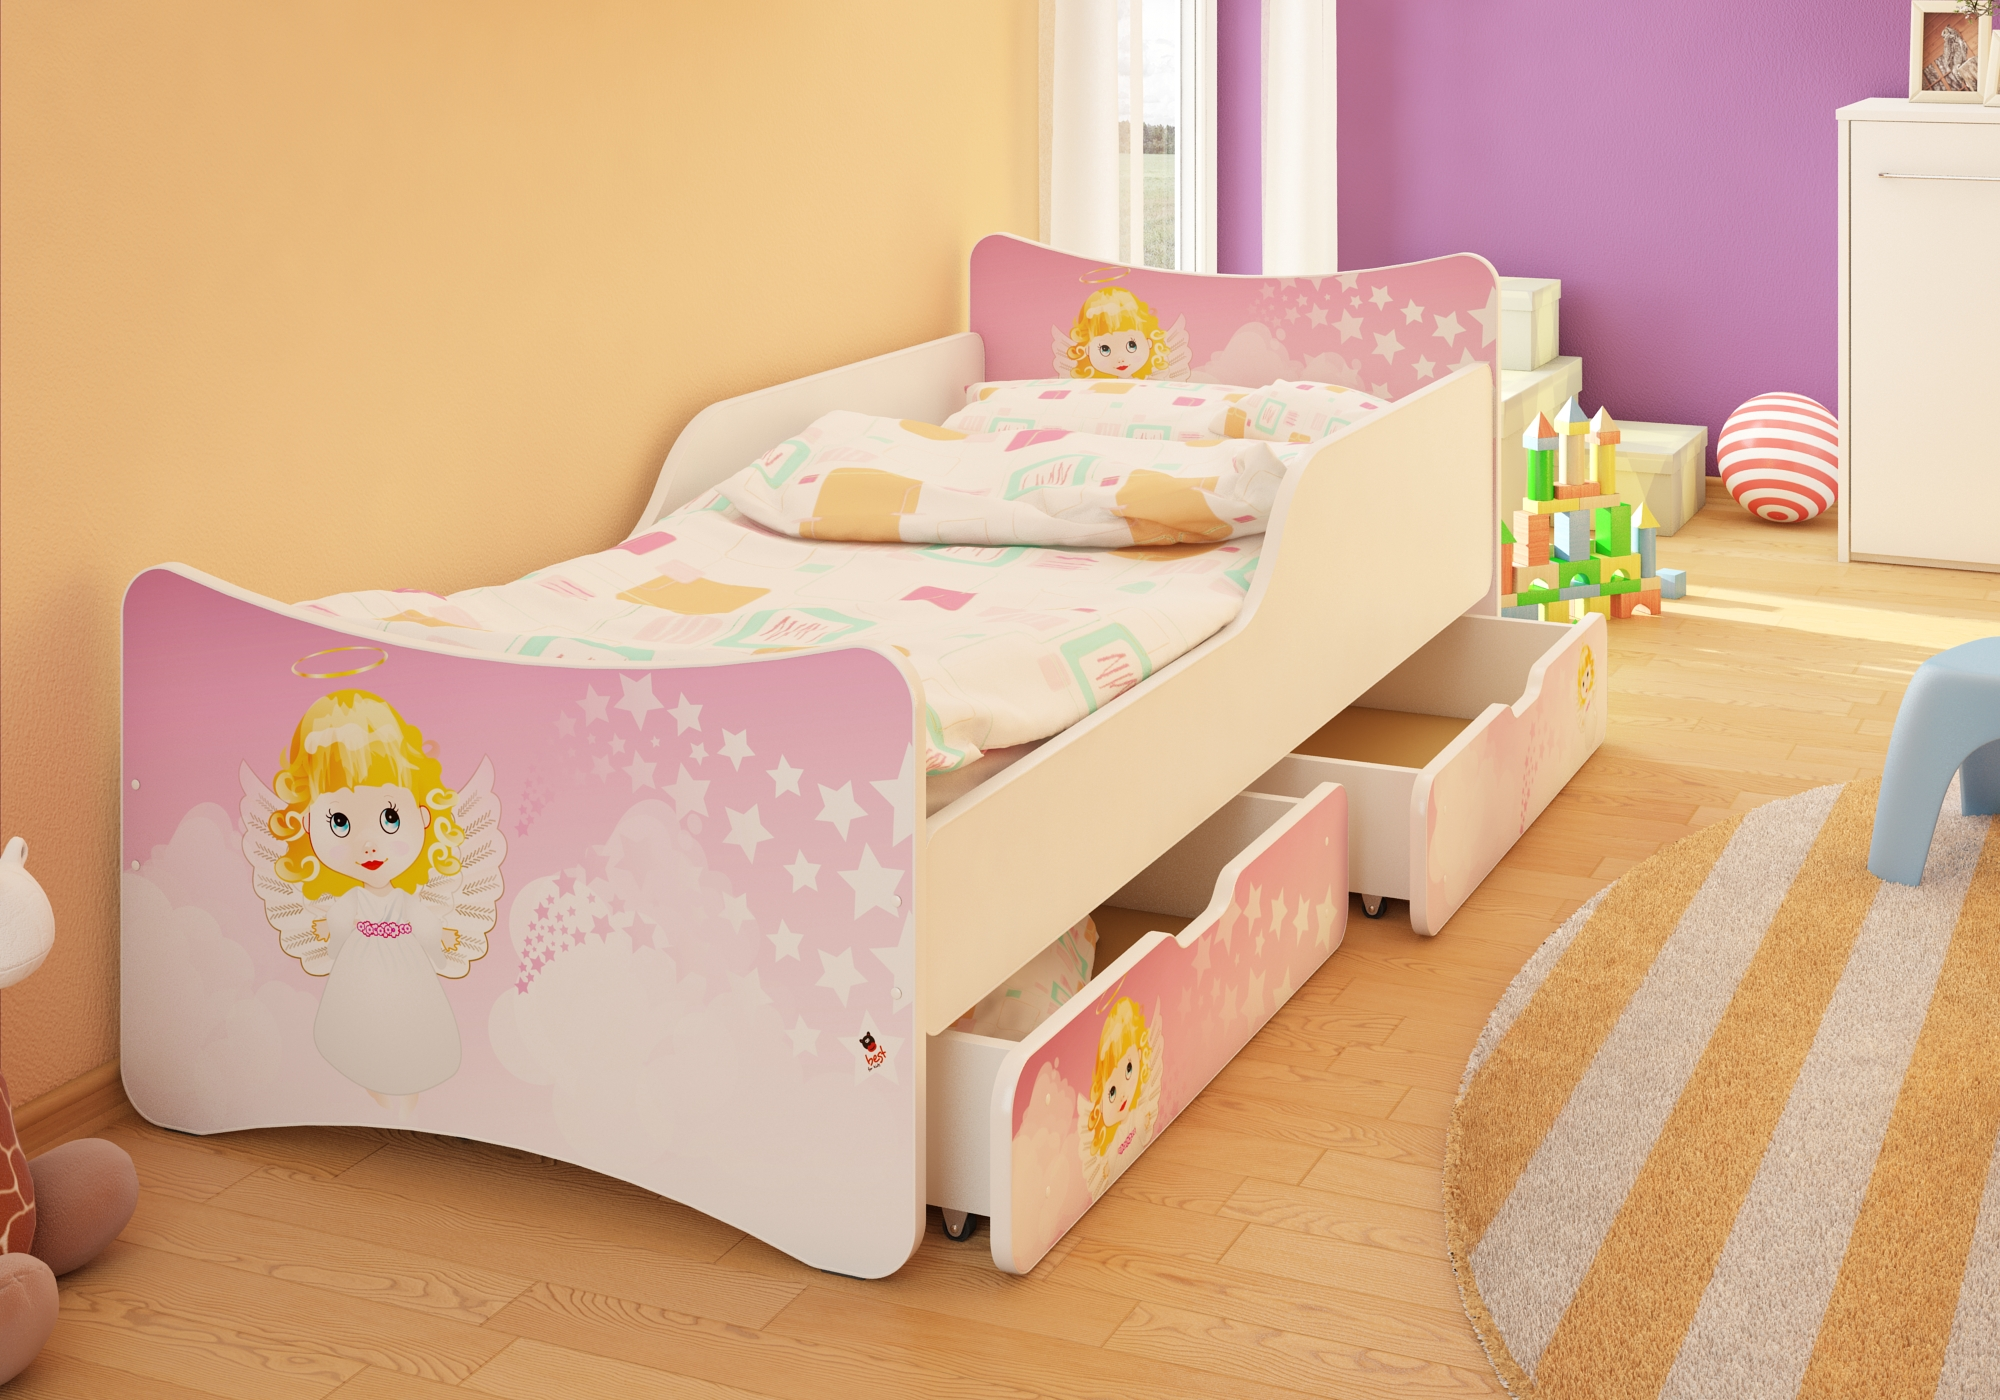 bfk brandneu bett kinderbett jugendbett mit matratze lattenrost schubladen ebay. Black Bedroom Furniture Sets. Home Design Ideas